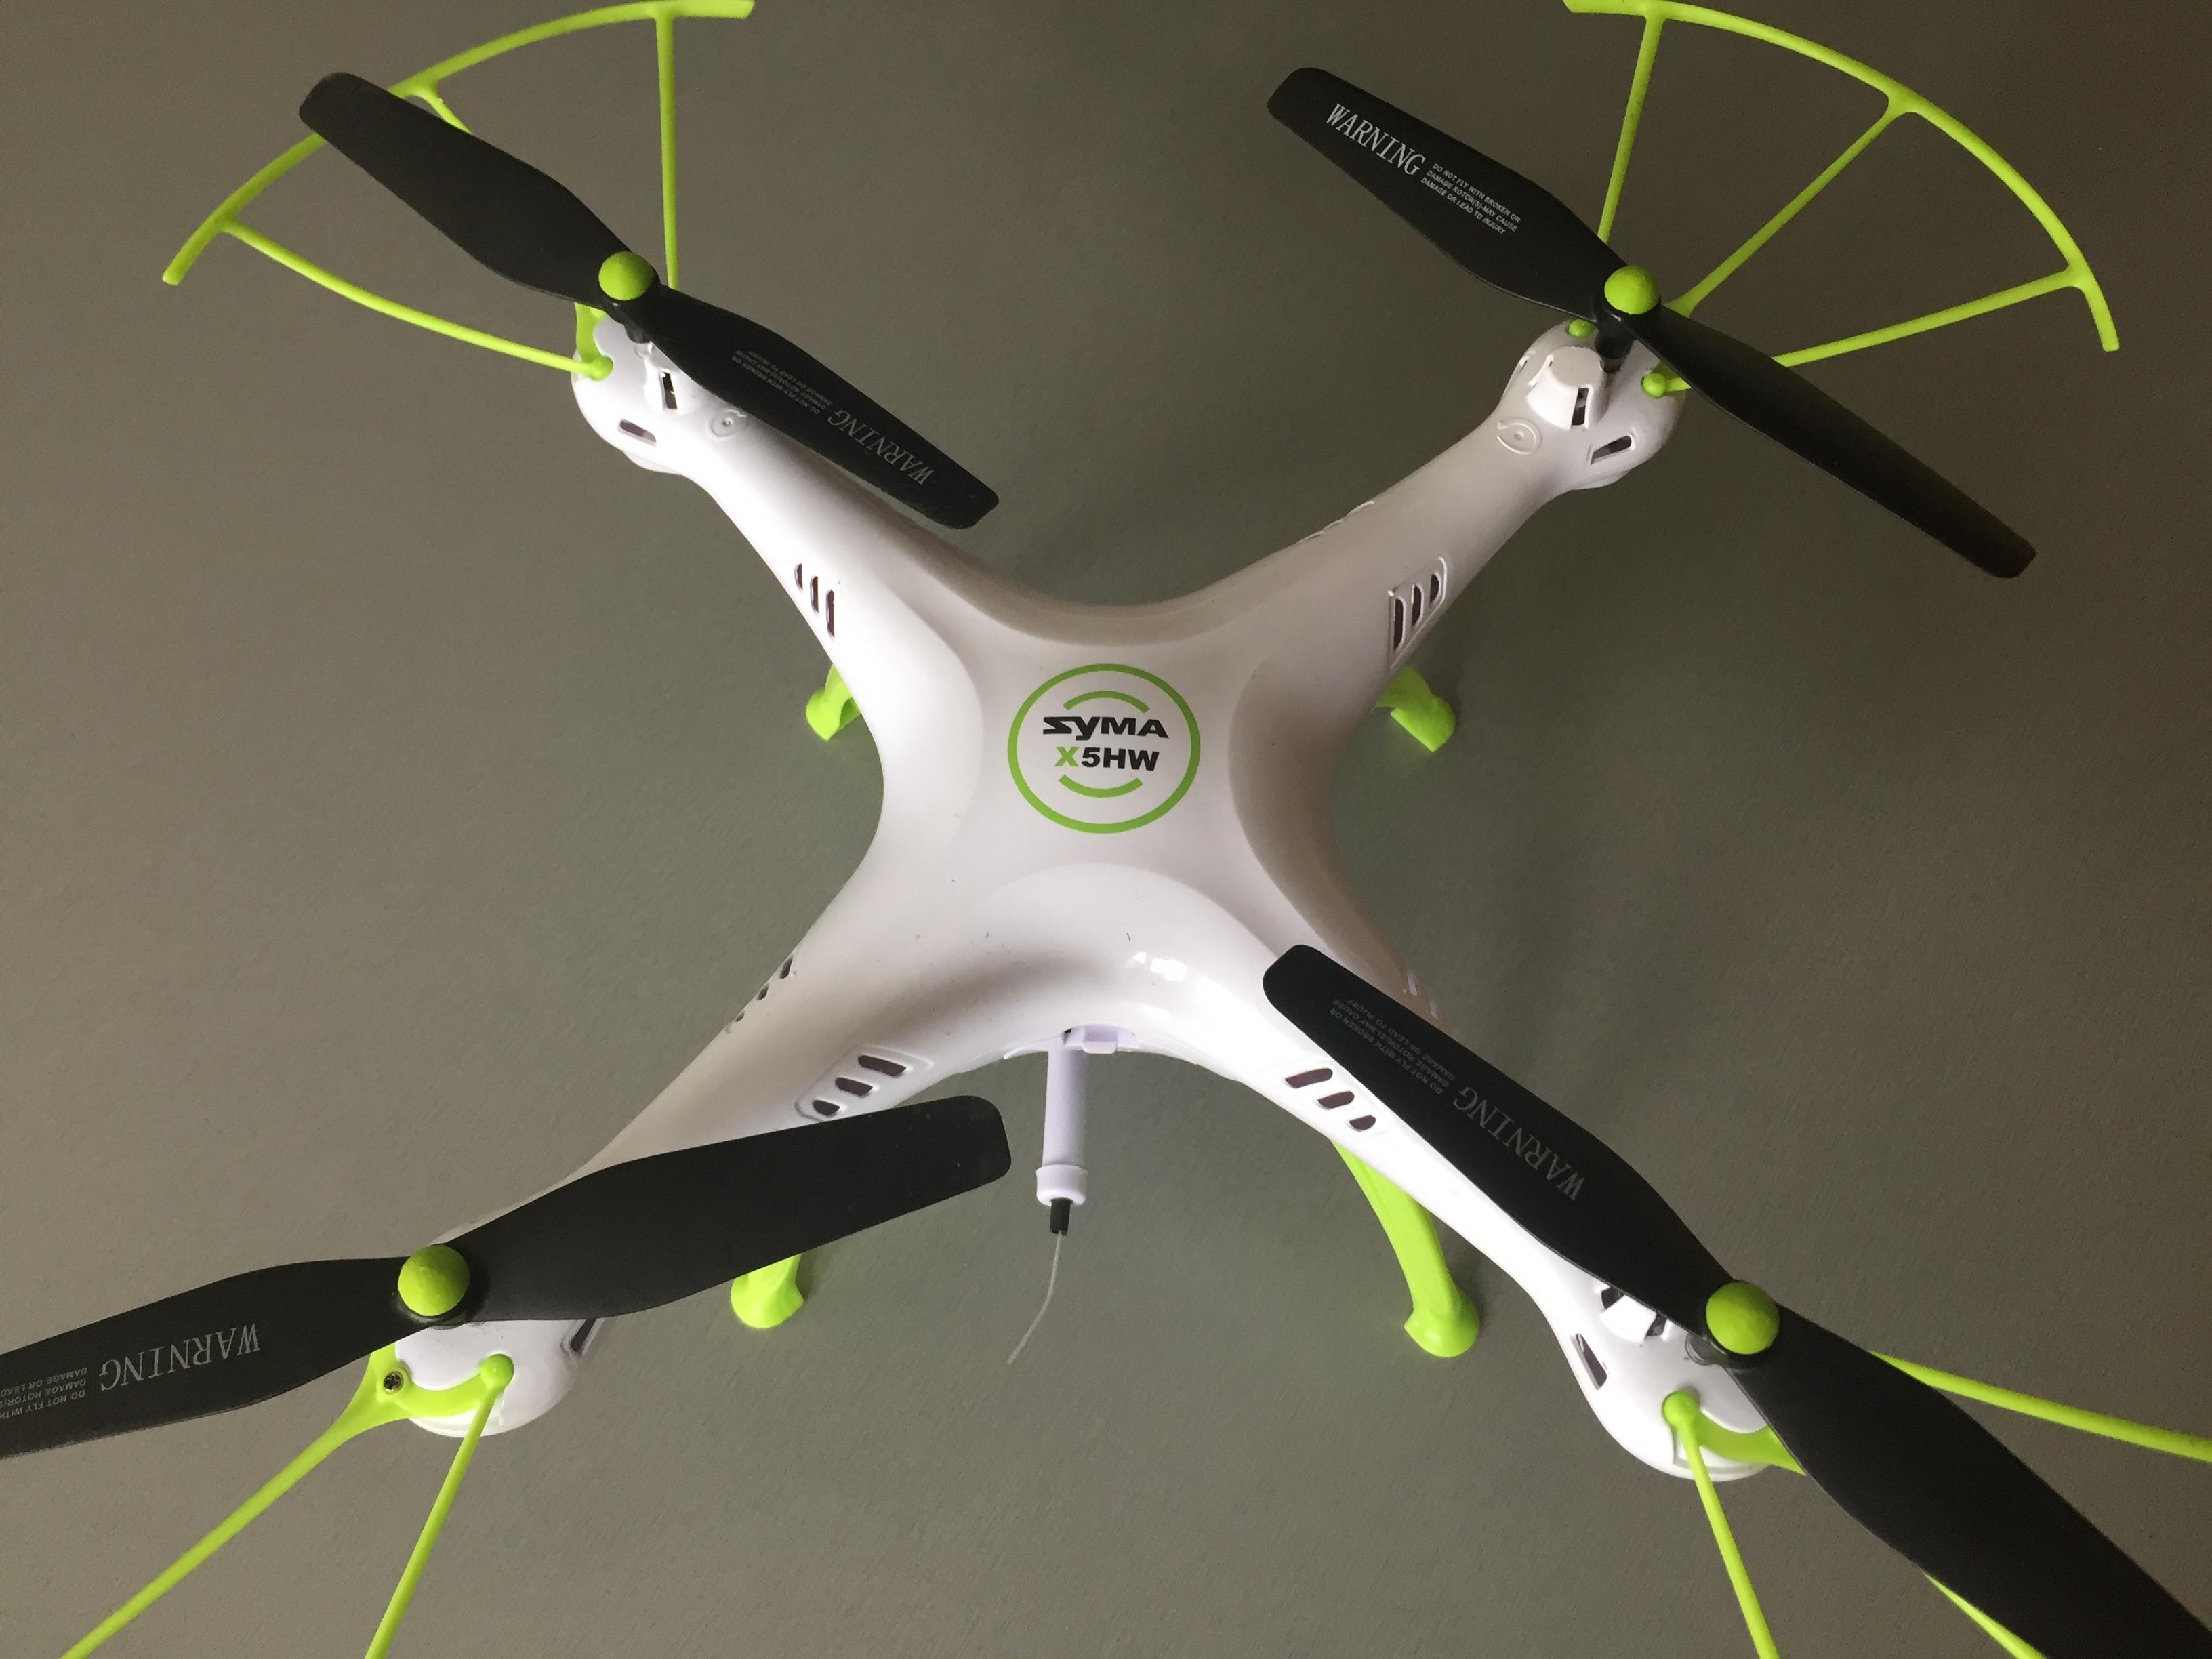 20170530_131034833_iOS.jpg Télécharger fichier STL gratuit Hélice de drone Cap Syma X5 • Objet pour imprimante 3D, Stefaan